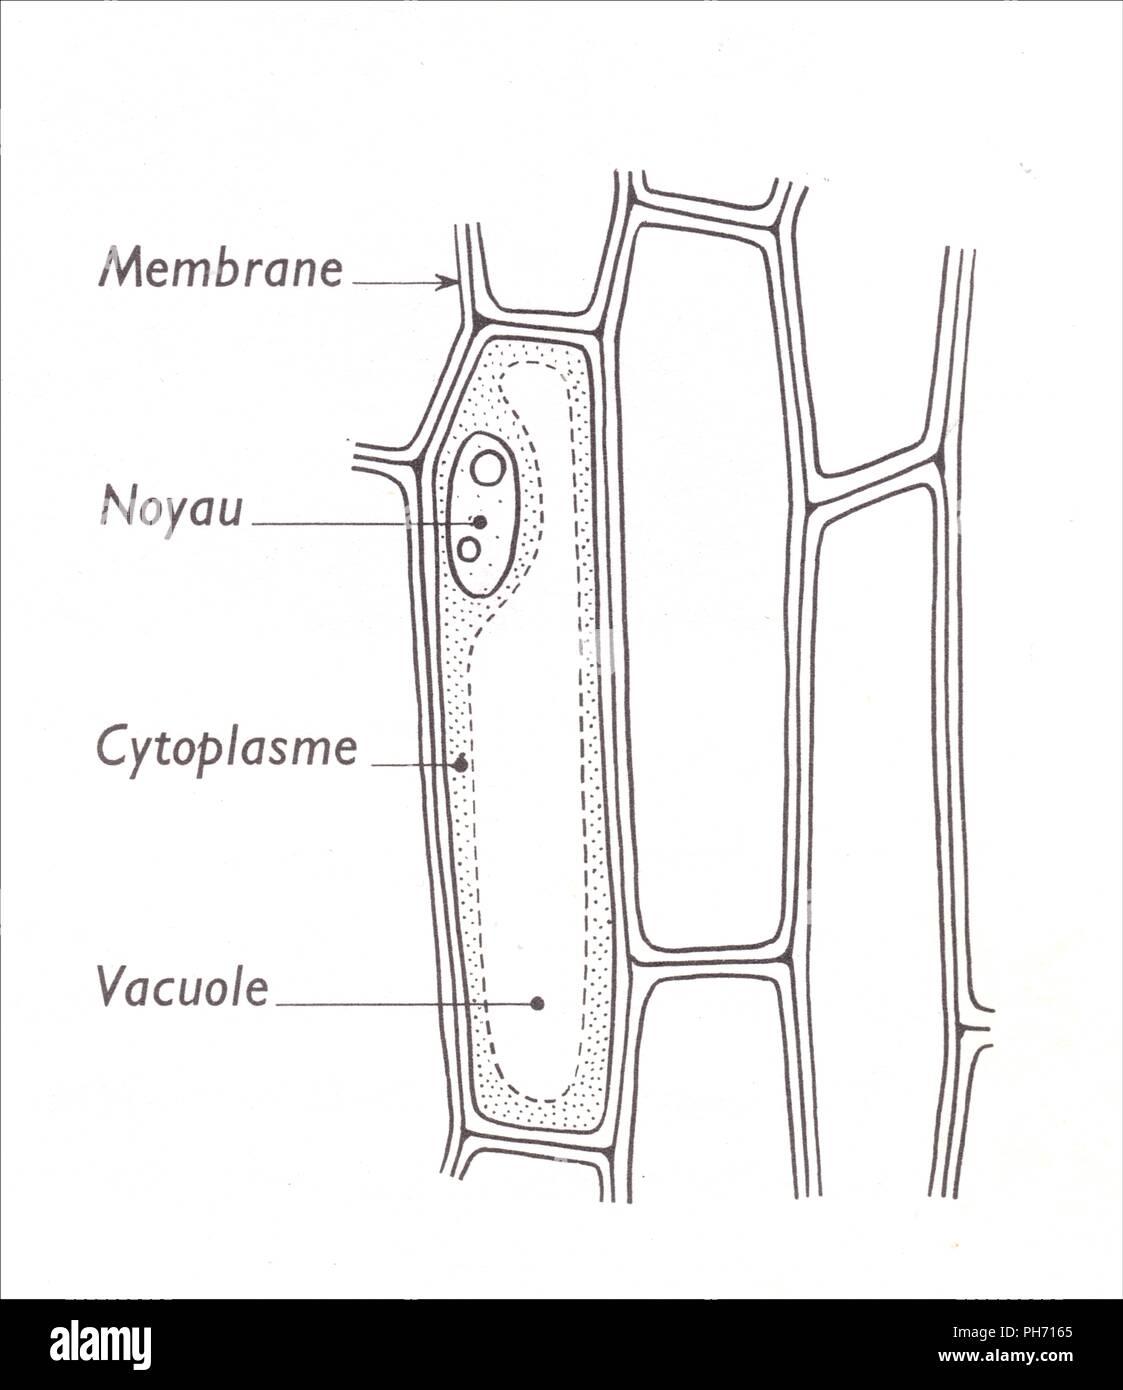 cellules épidermiques d'un bulbe d'oignon - stock image